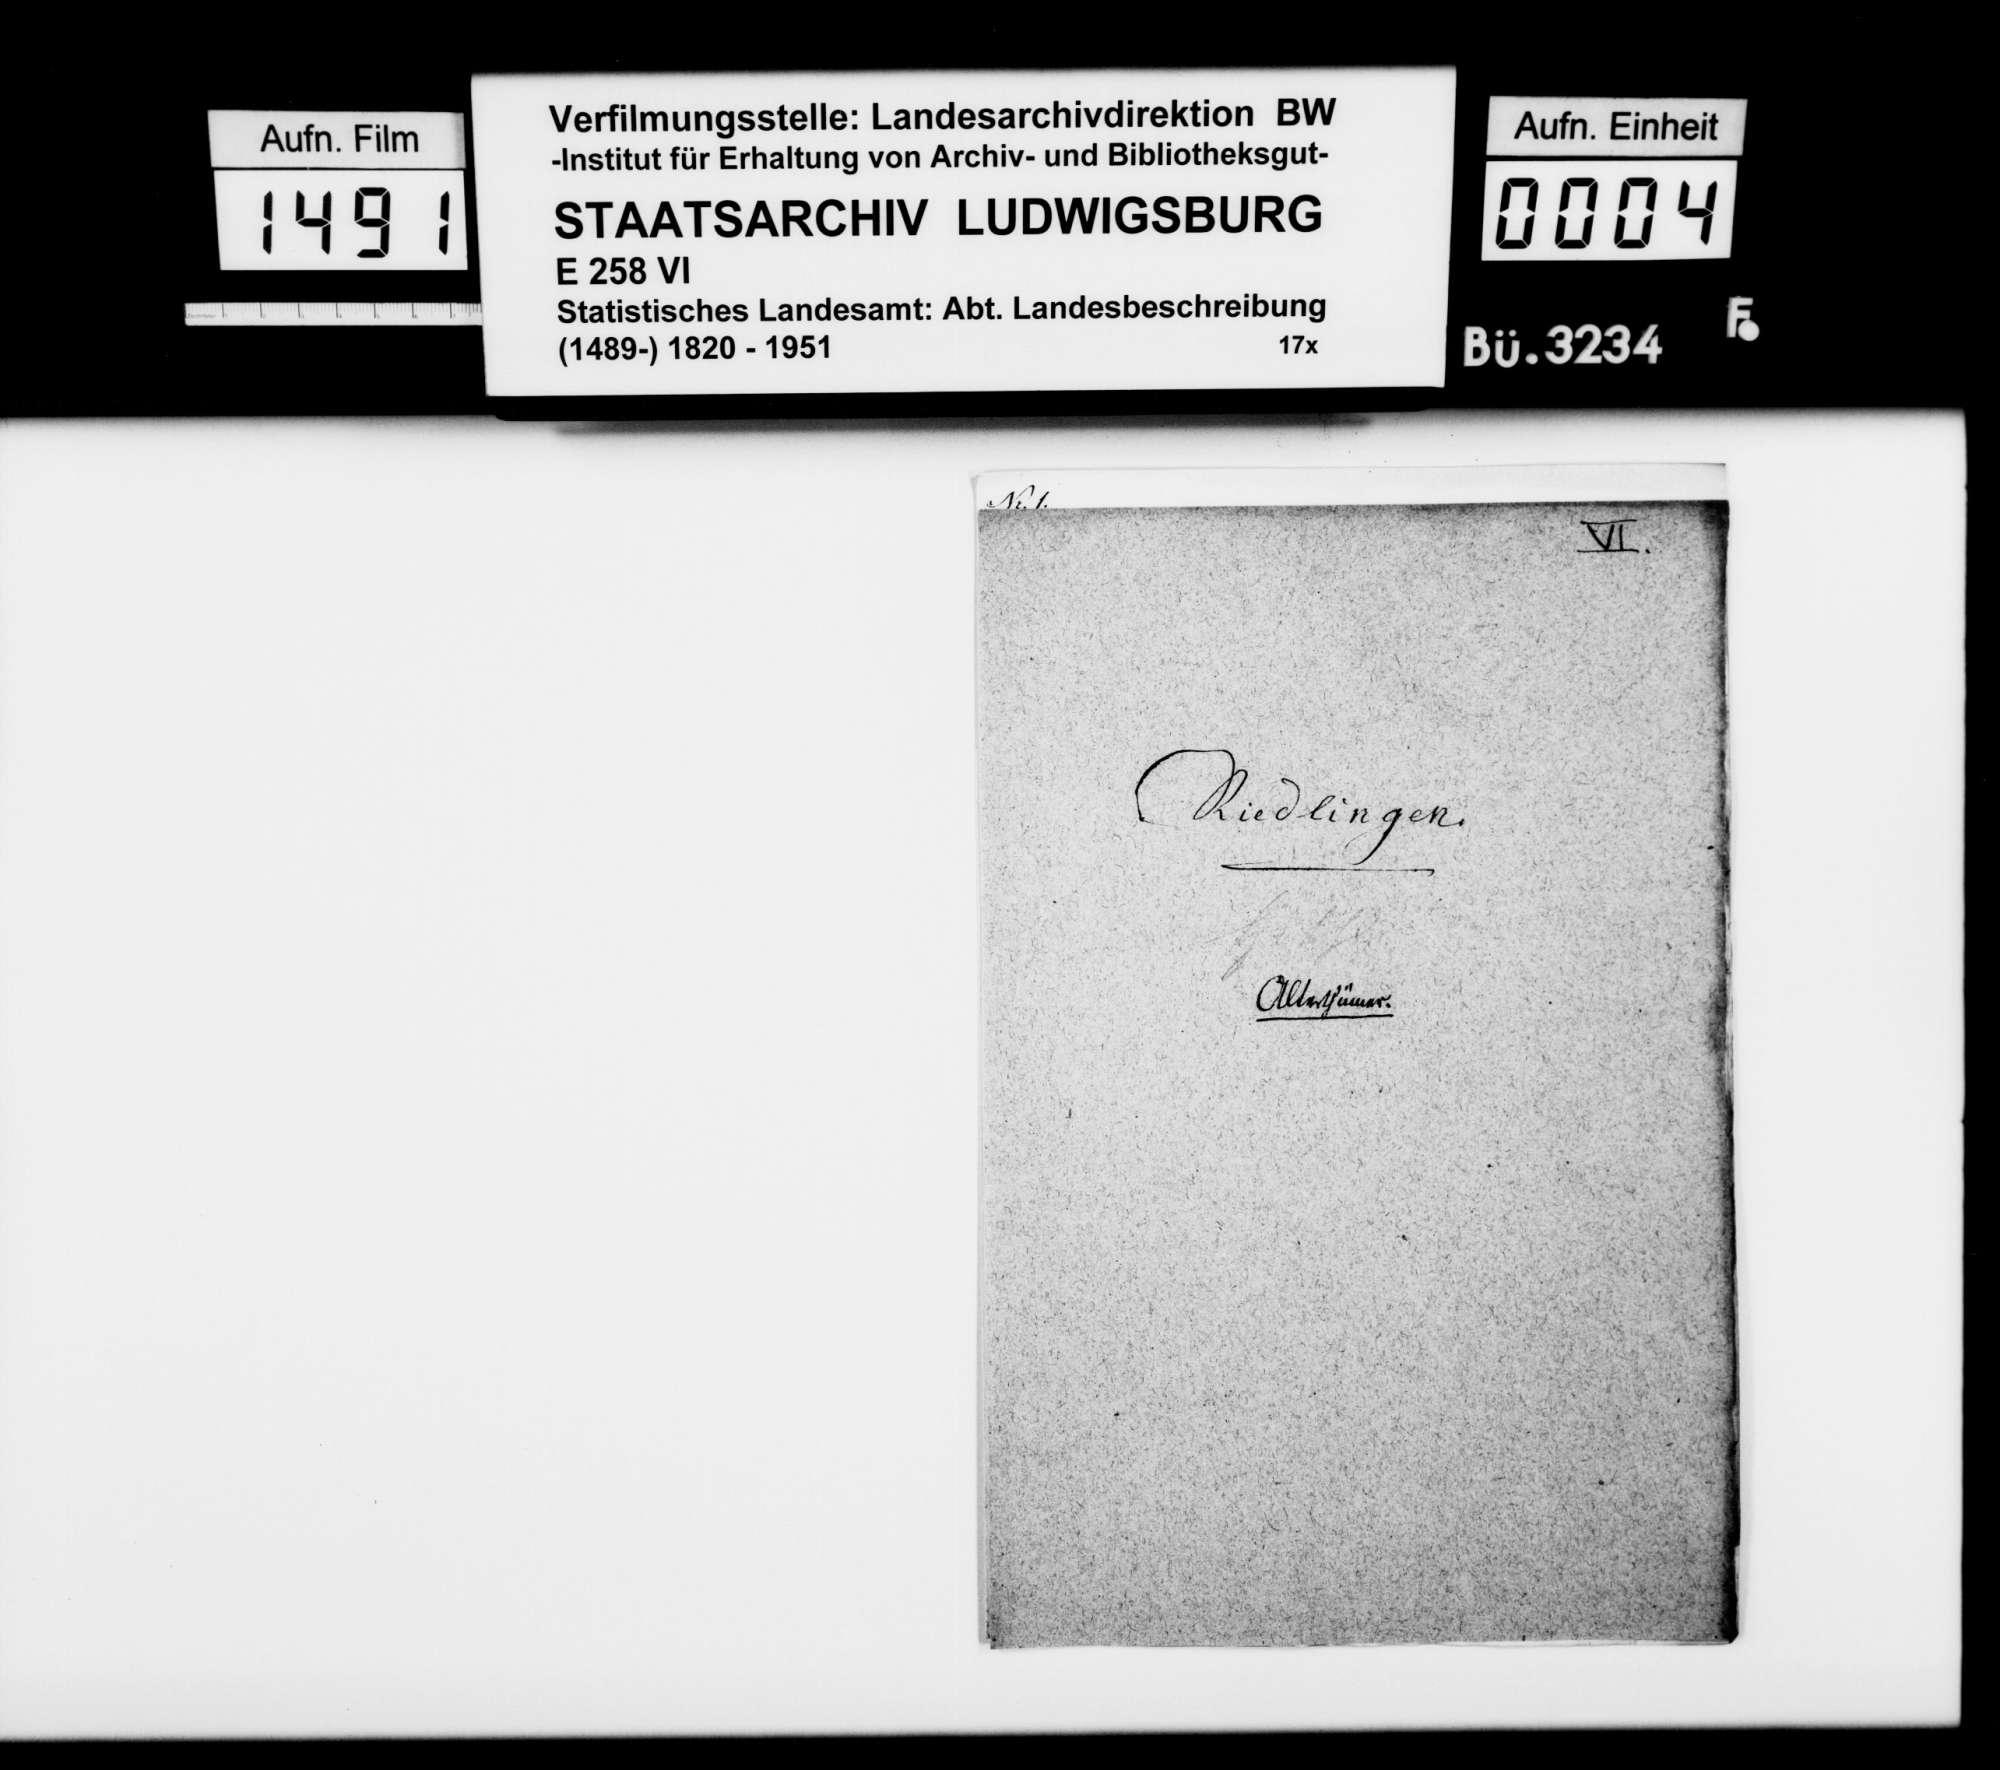 Historisches Material zum und aus dem Kloster Heiligkreuztal, zu den Grafen von Achalm, zu den Grafen von Württemberg-Grüningen-Landau und weiteres, Bild 1